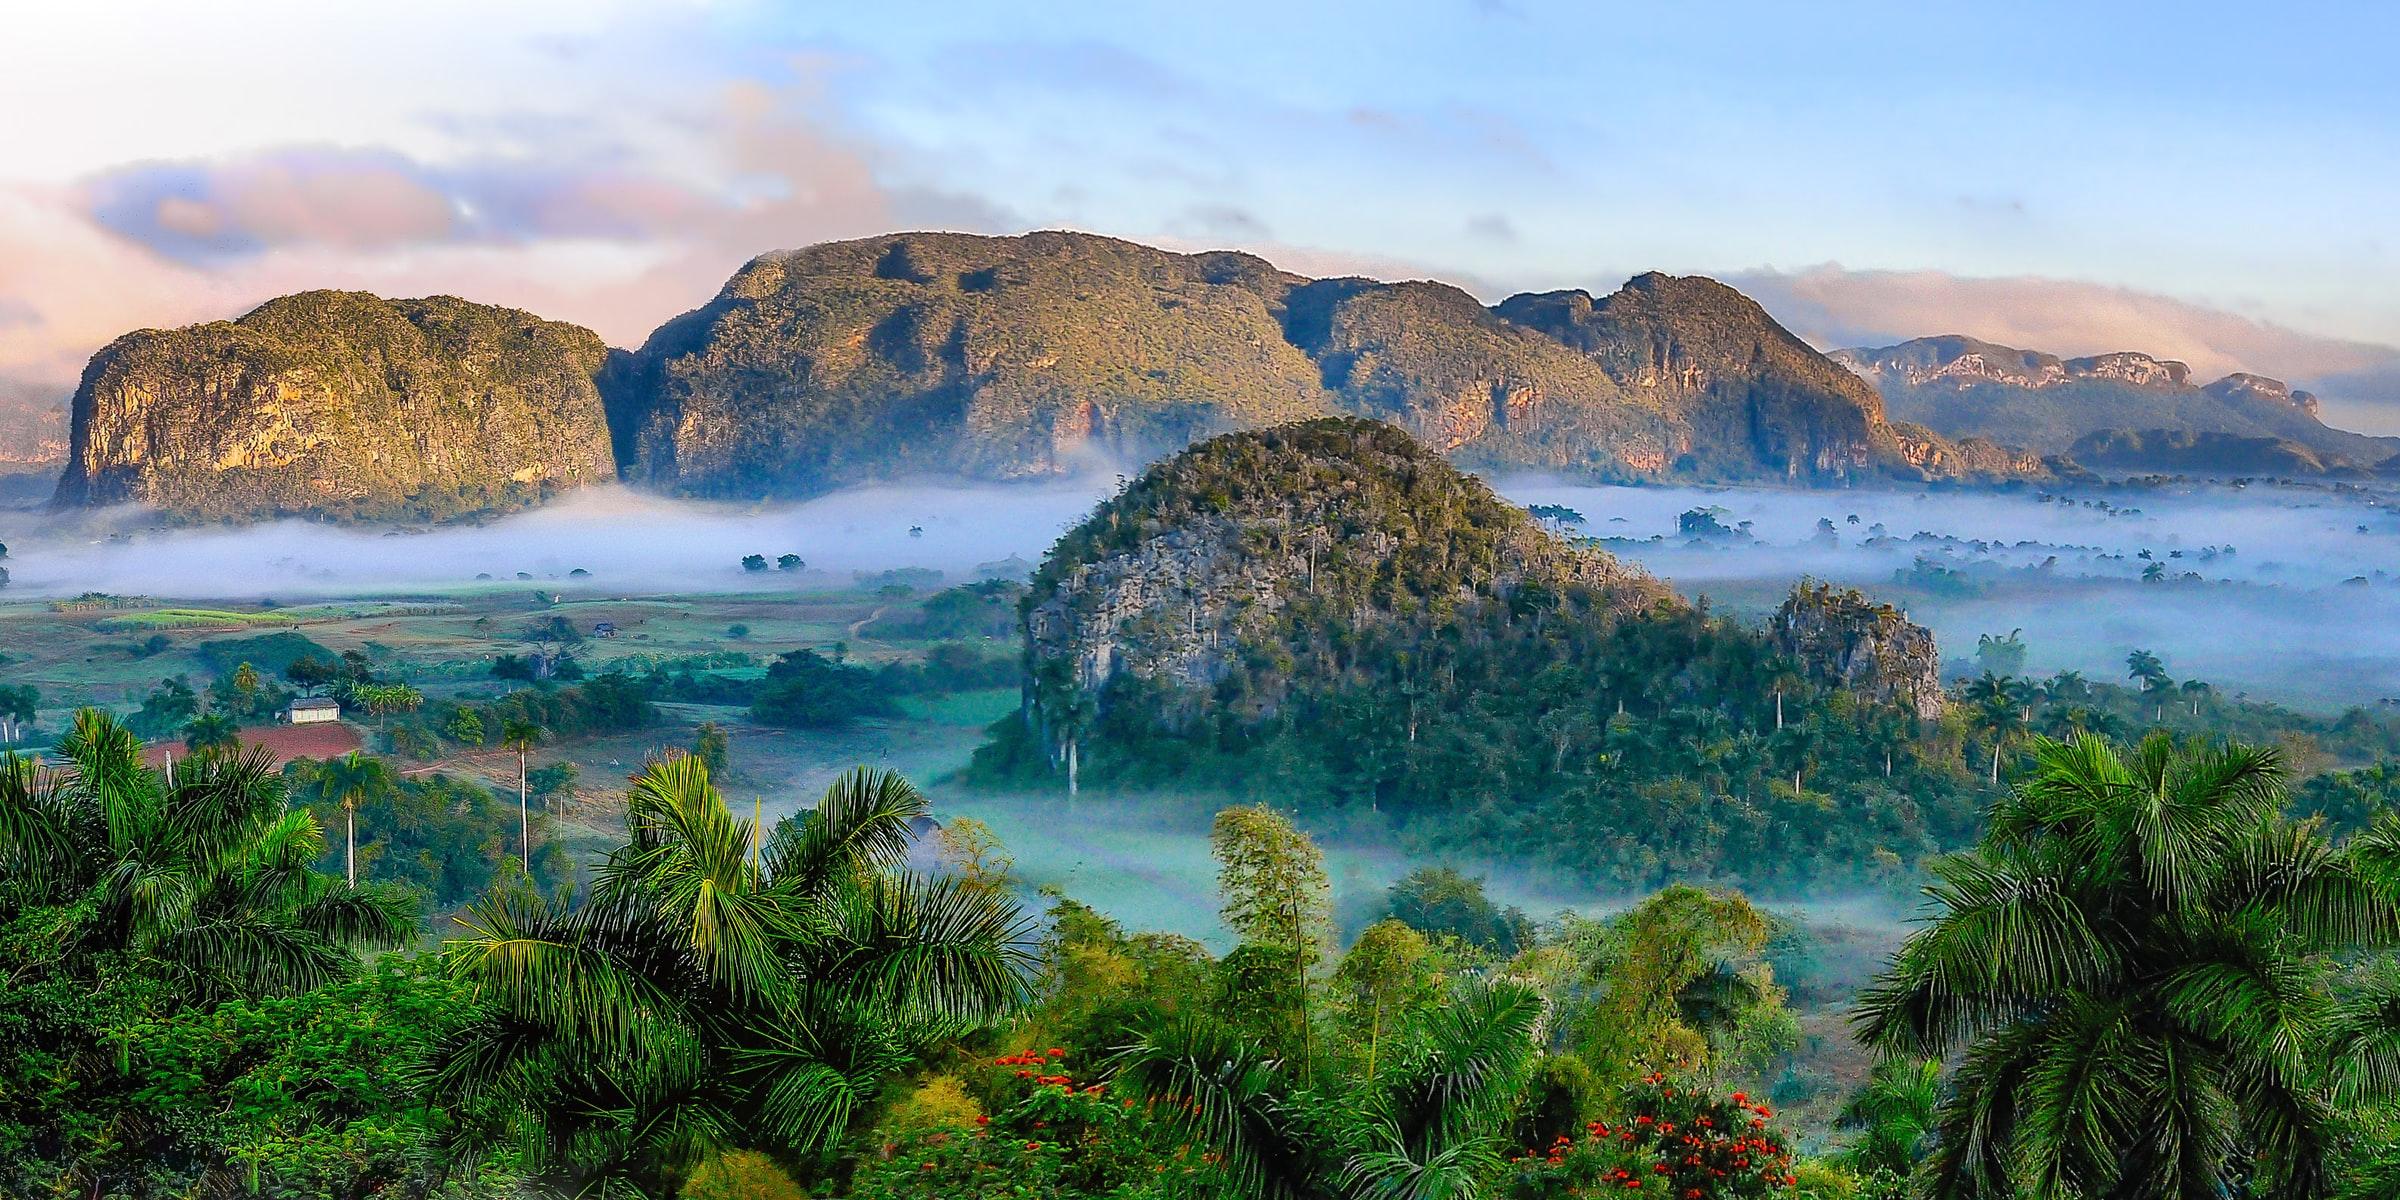 Kuba Sehenswürdigkeiten - Landschaft